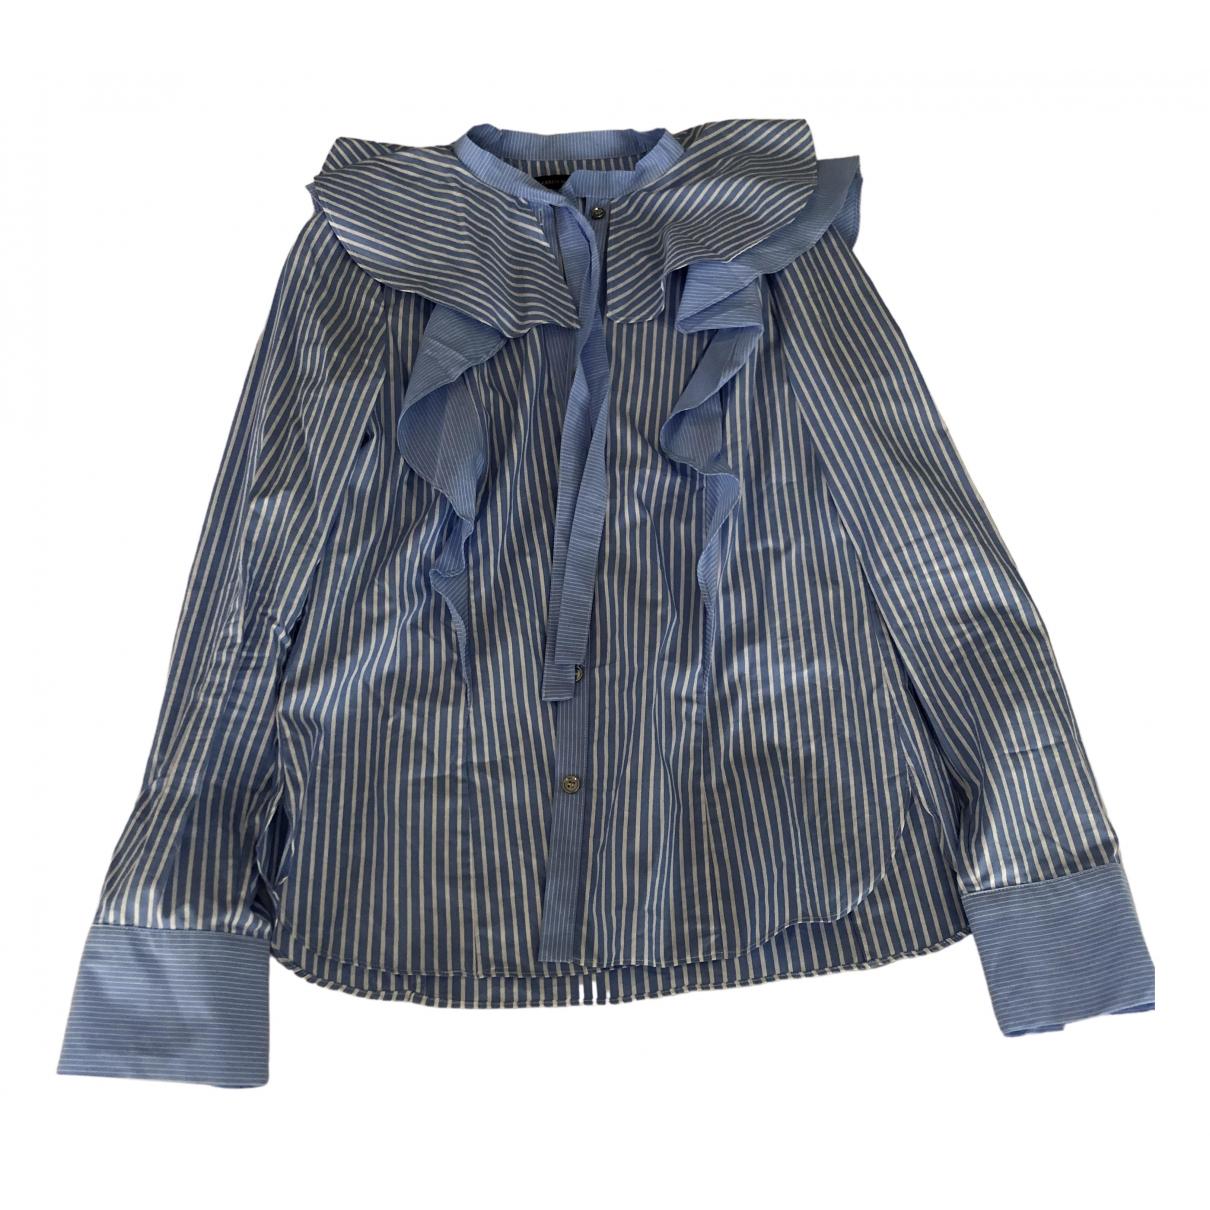 Karen Millen - Top   pour femme en coton - bleu